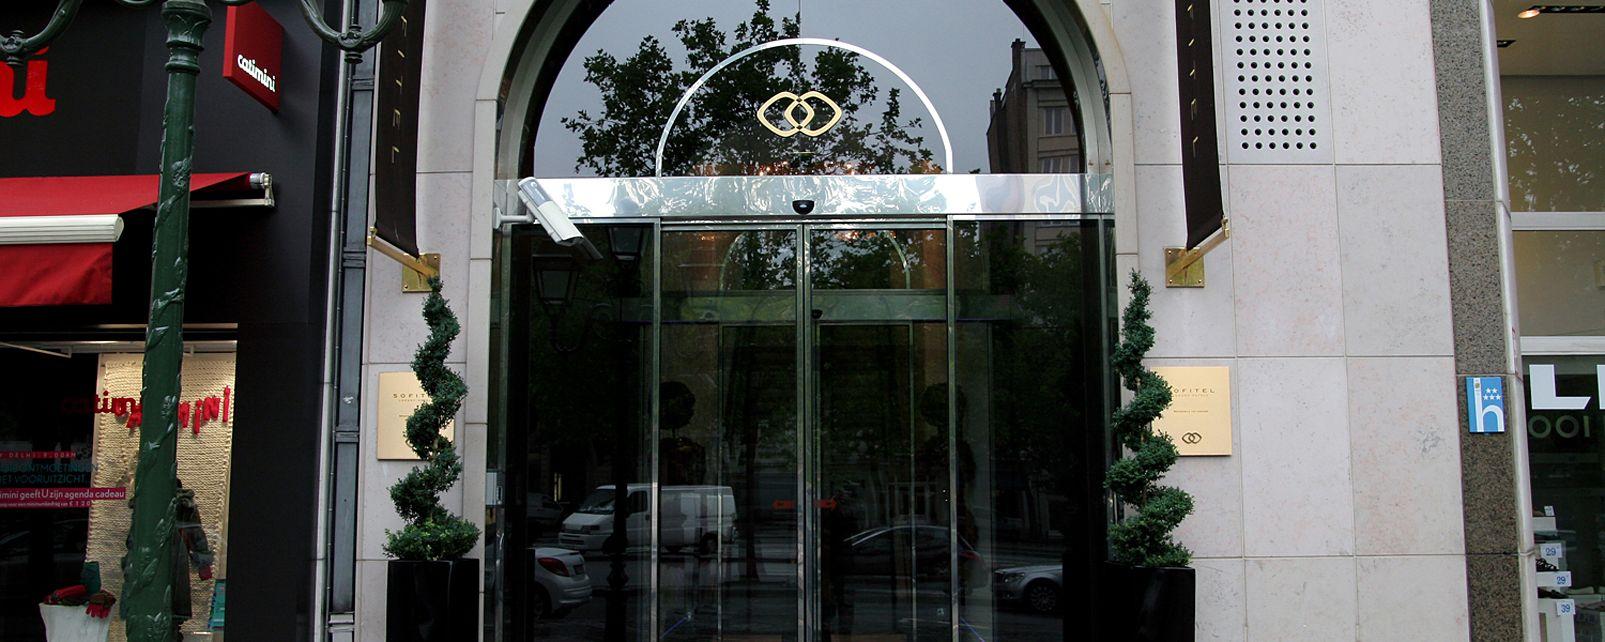 Hôtel Sofitel Le Louise